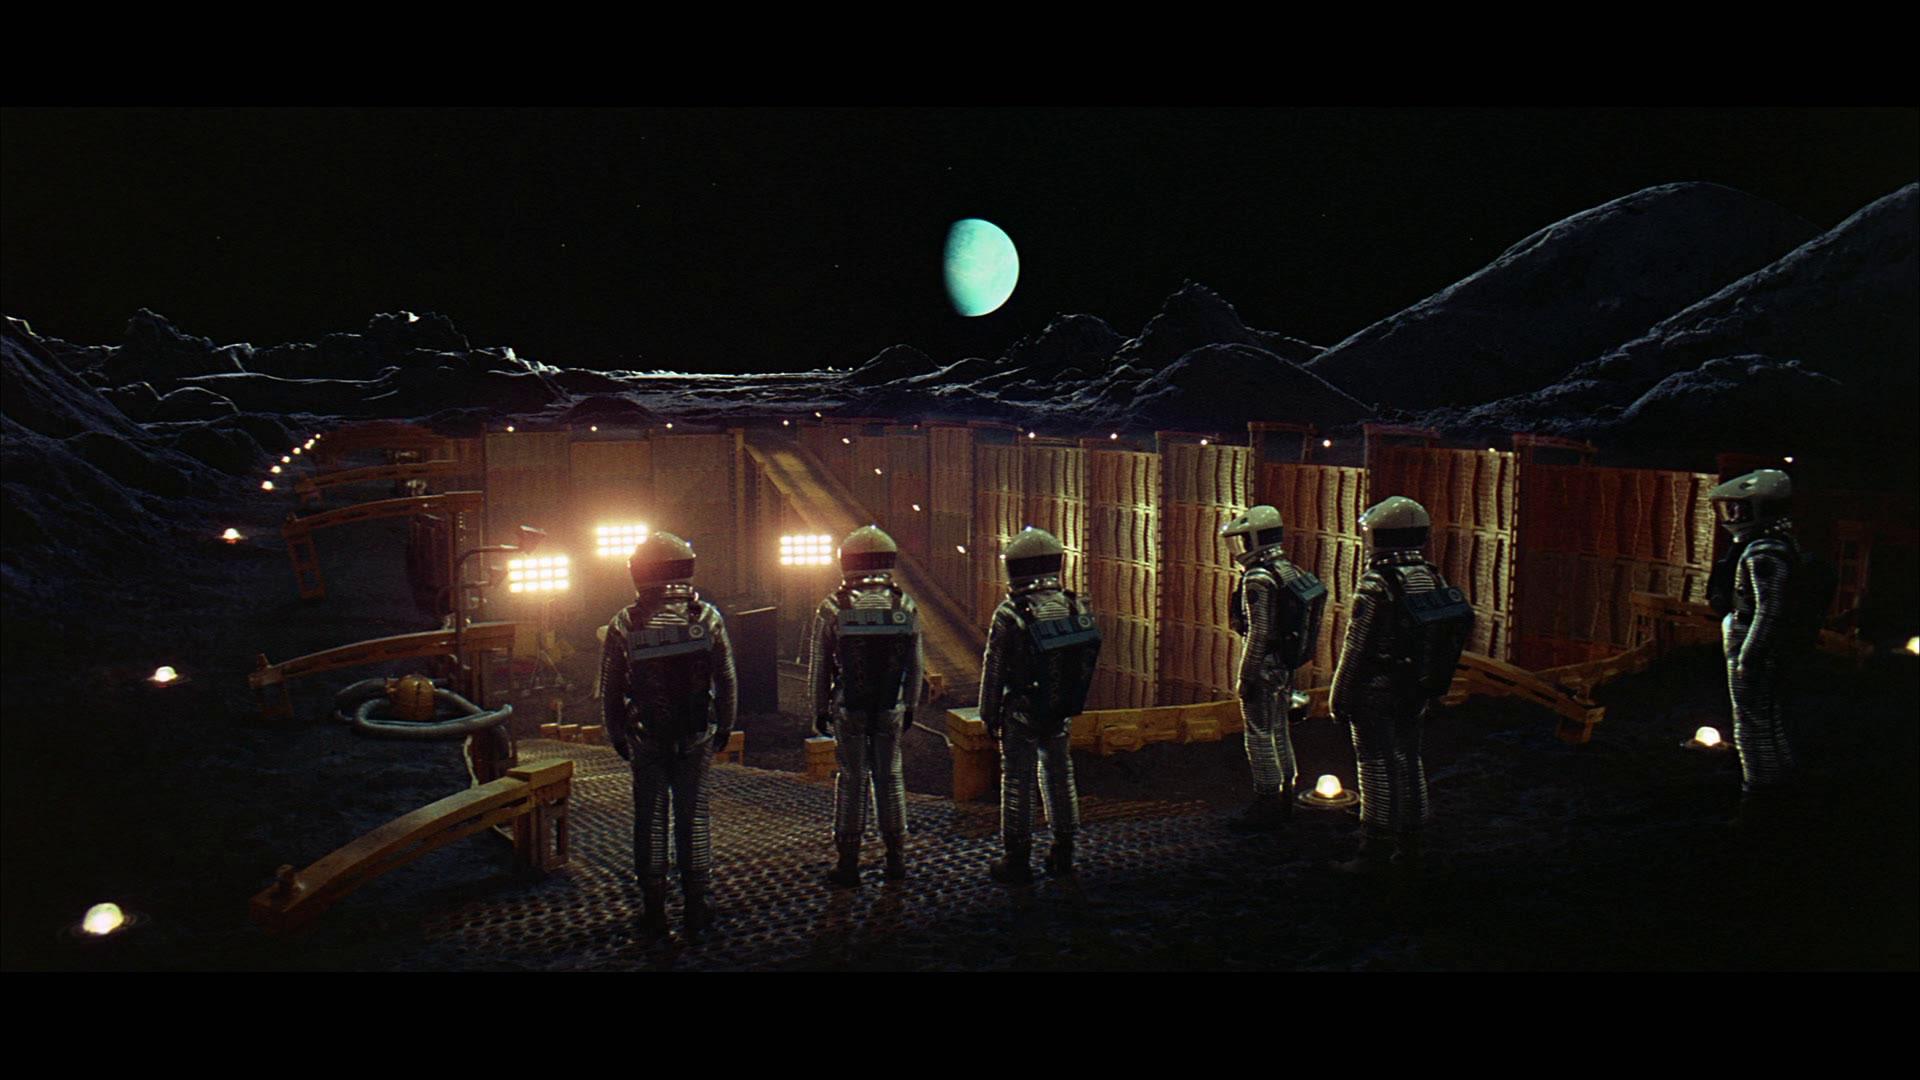 Másodvélemény: 2001: Űrodüsszeia / 2001: A Space Odyssey (1968 ...